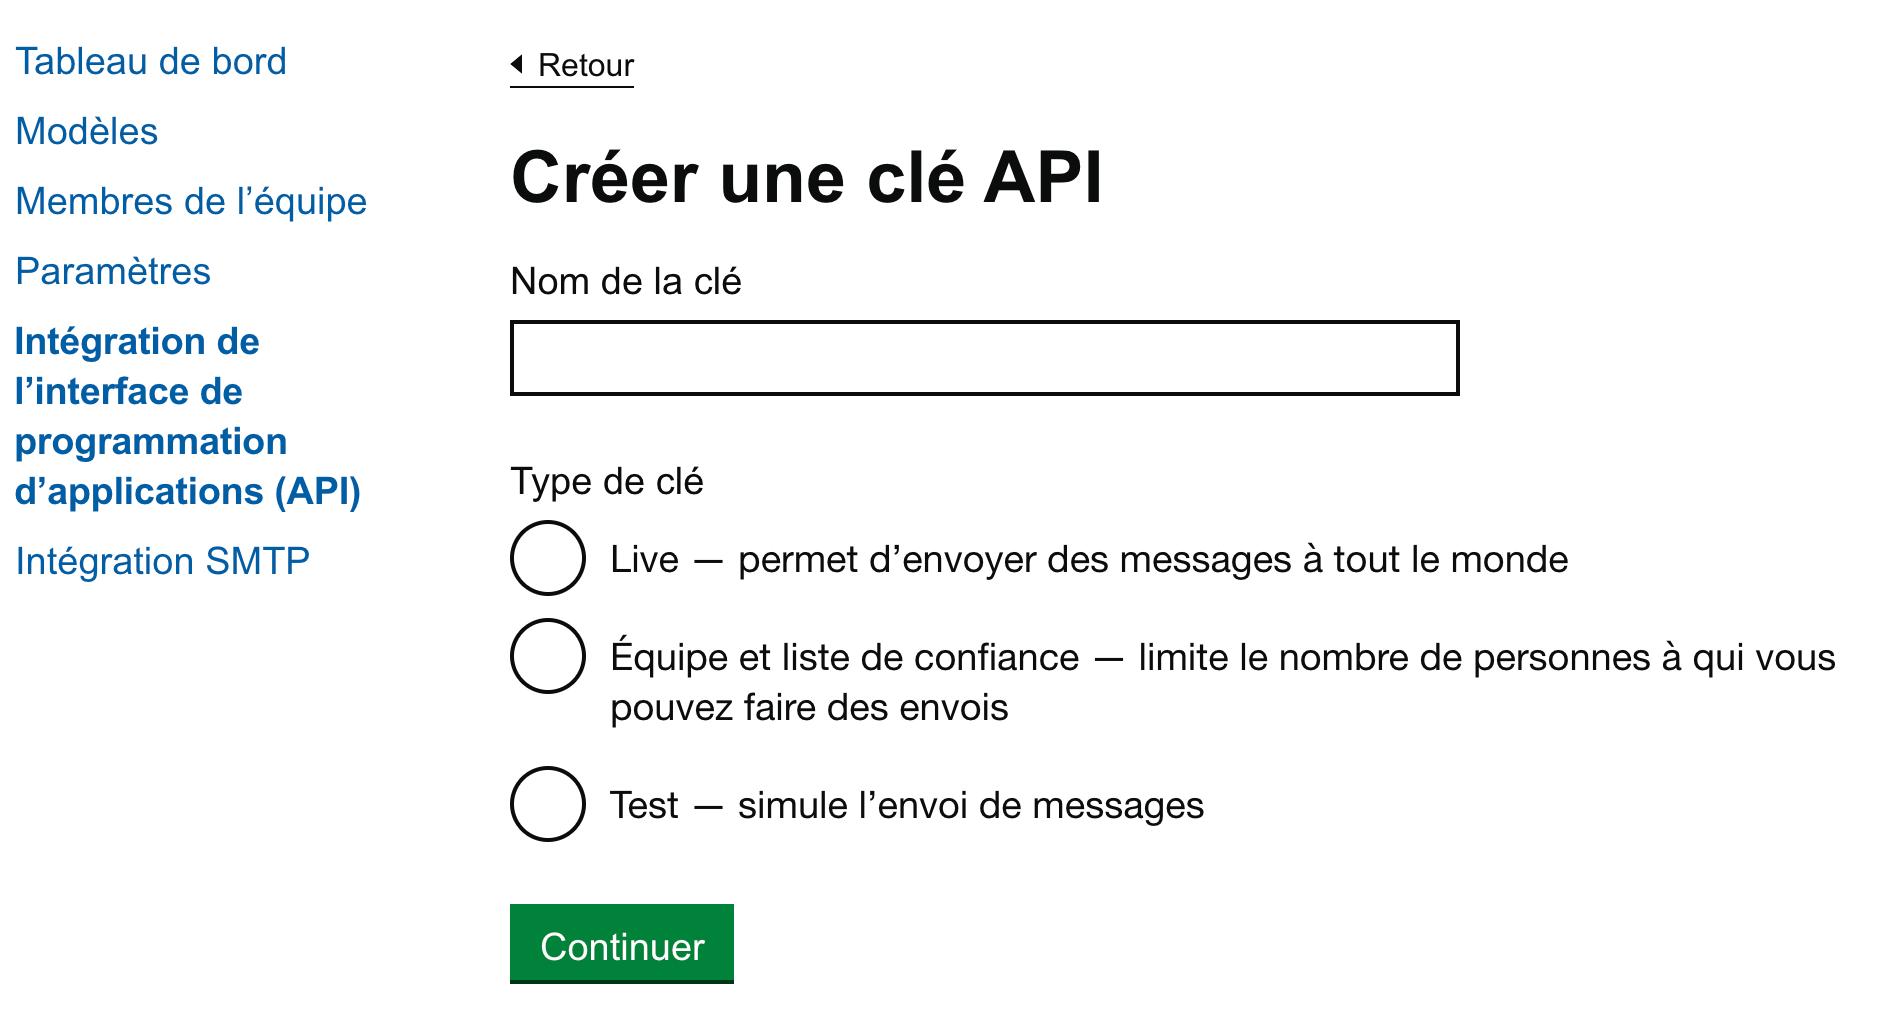 Une capture d'écran de la page d'intégration de l'API Notification, comprenant une section dans laquelle on demande à un utilisateur de créer une clé API en inscrivant le nom de la clé. Il peut choisir parmi trois types de clés : Live, Équipe et liste de confiance, et Test.